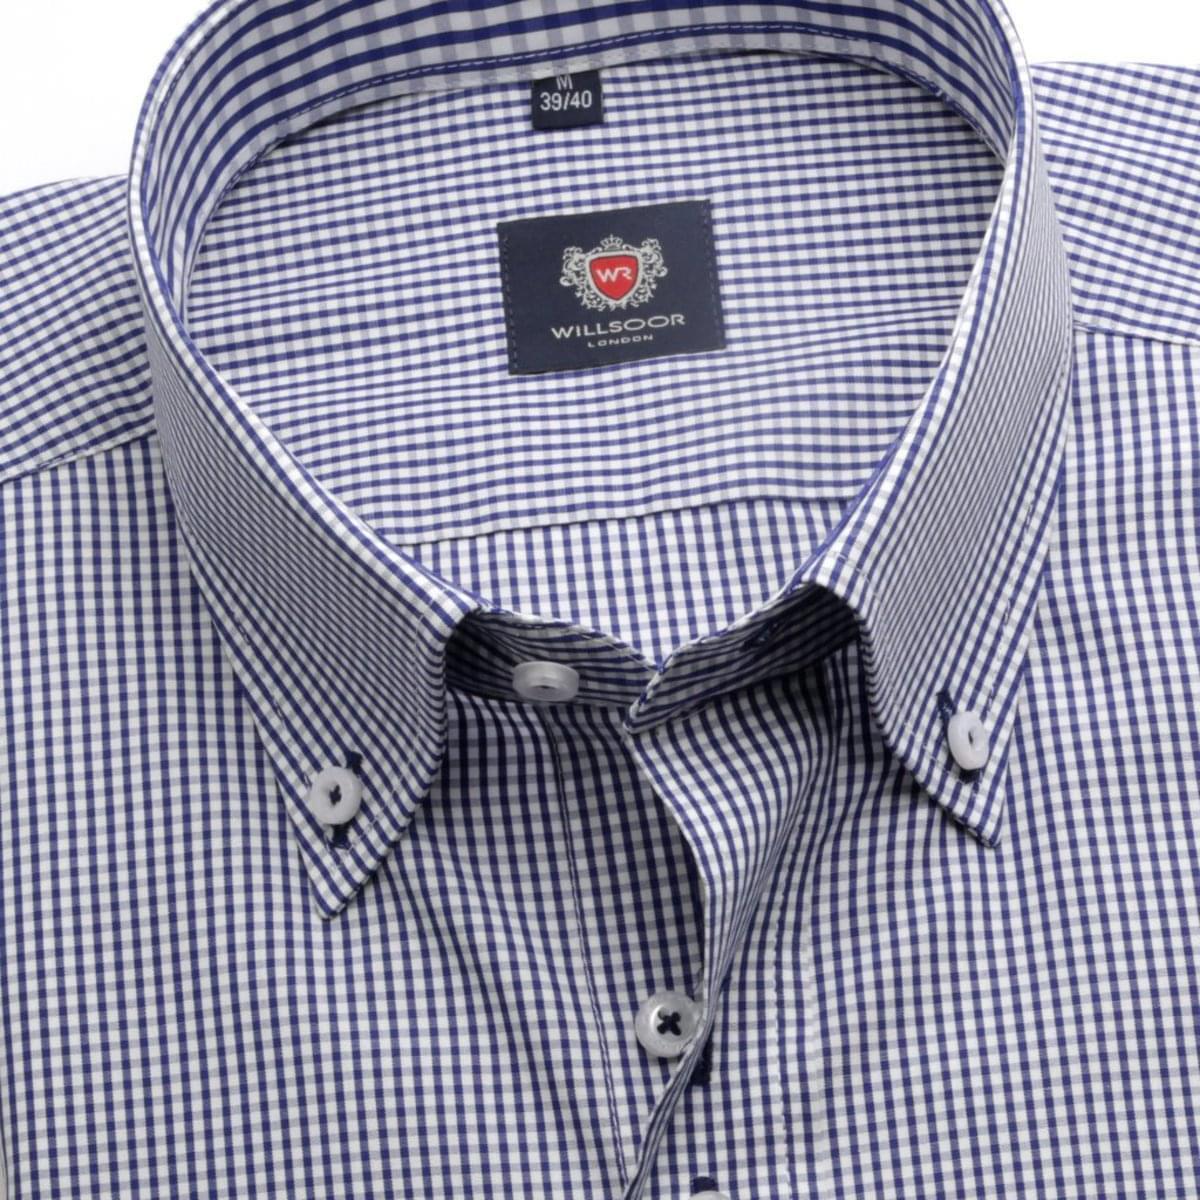 Pánská košile v bílé barvě s kostkou WR London (výška 198-204) 5107 198-204 / M (Límeček 39/40)